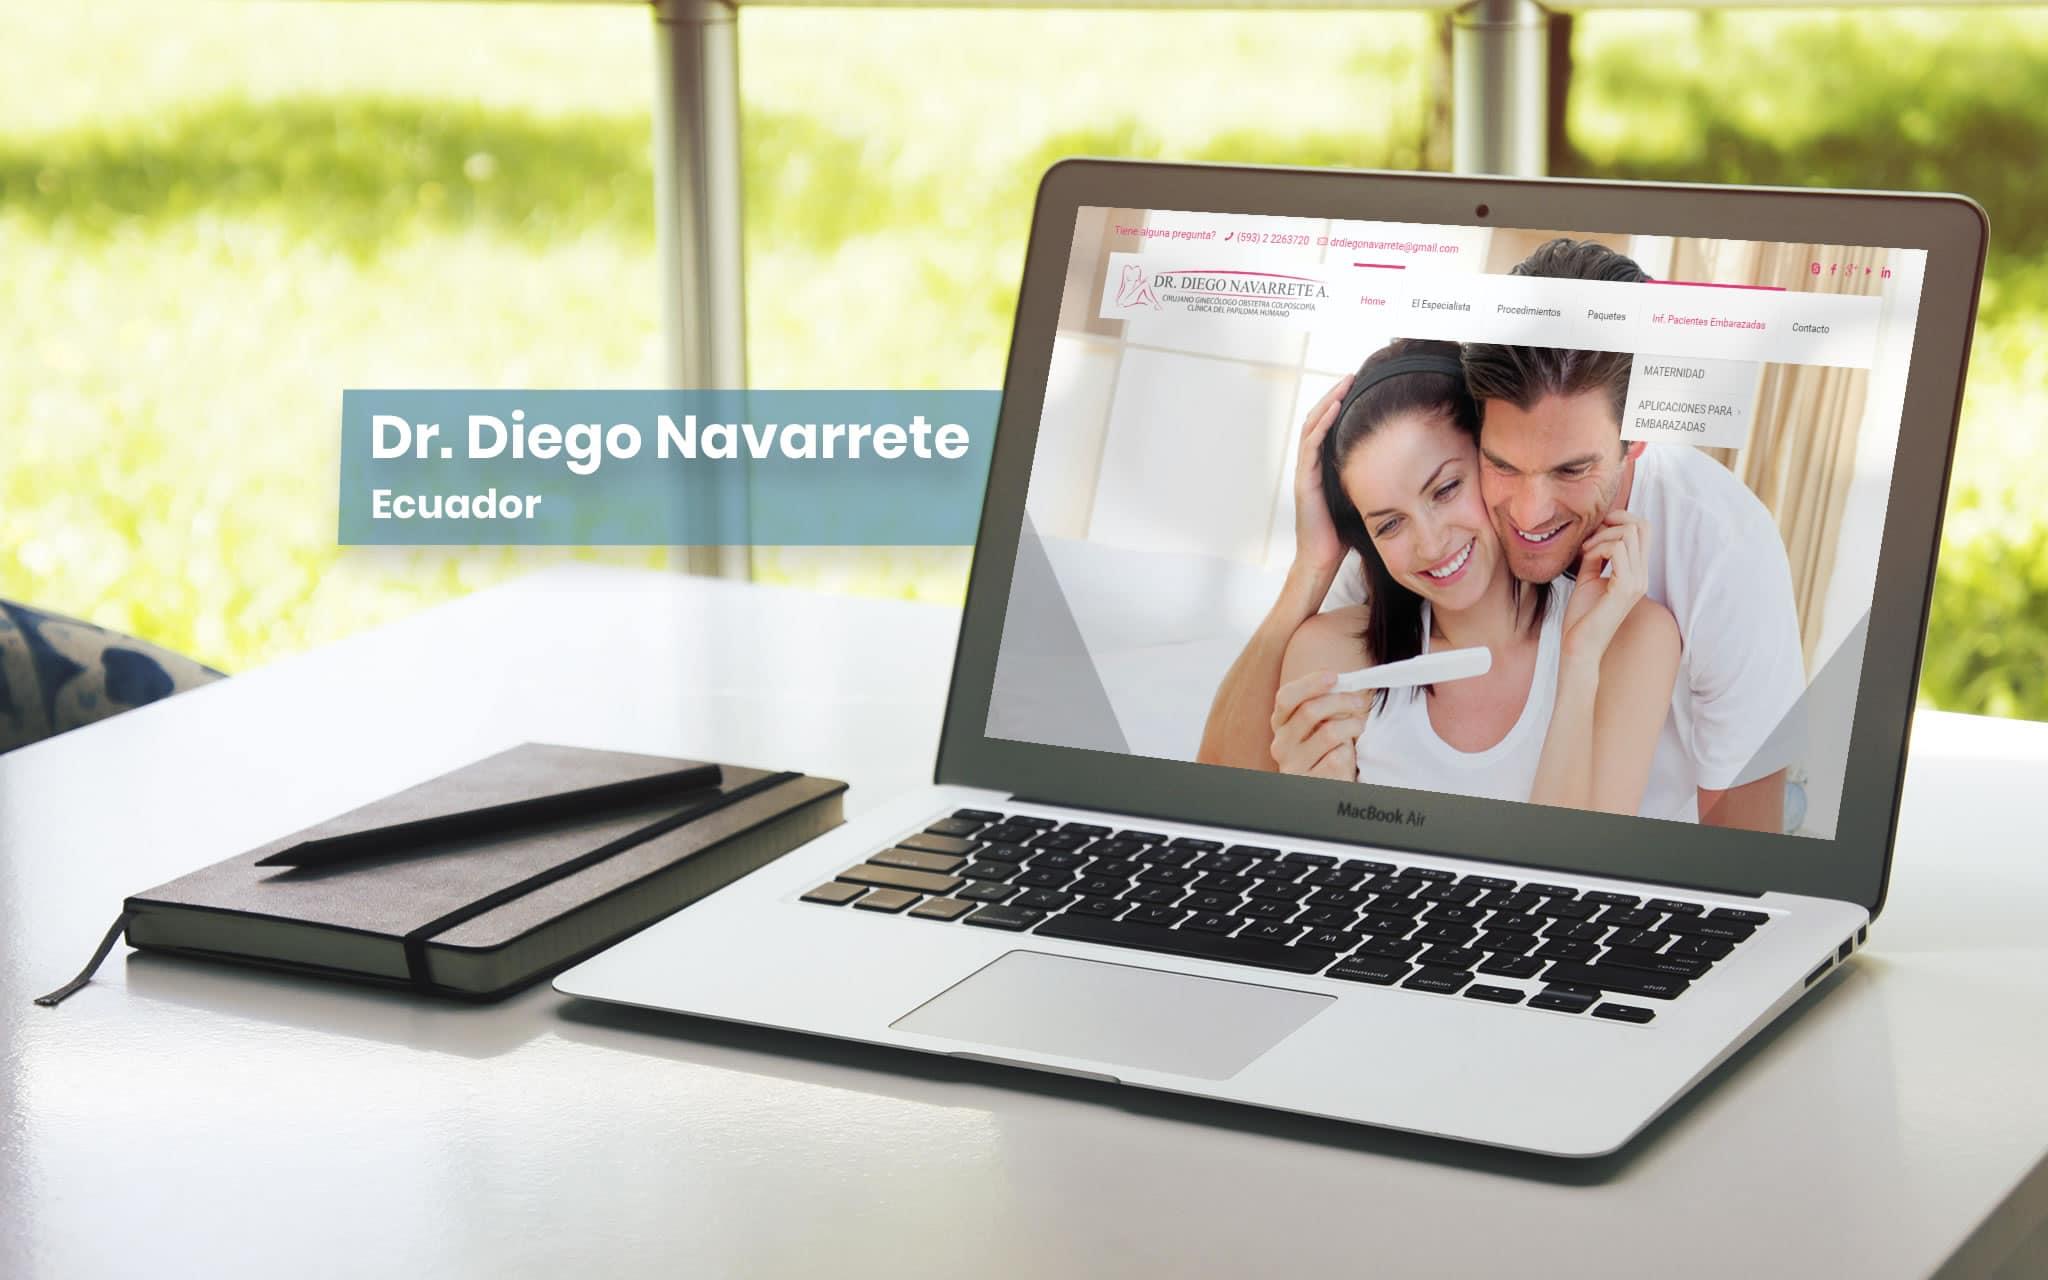 Dr. Diego Navarrete - Ecuador